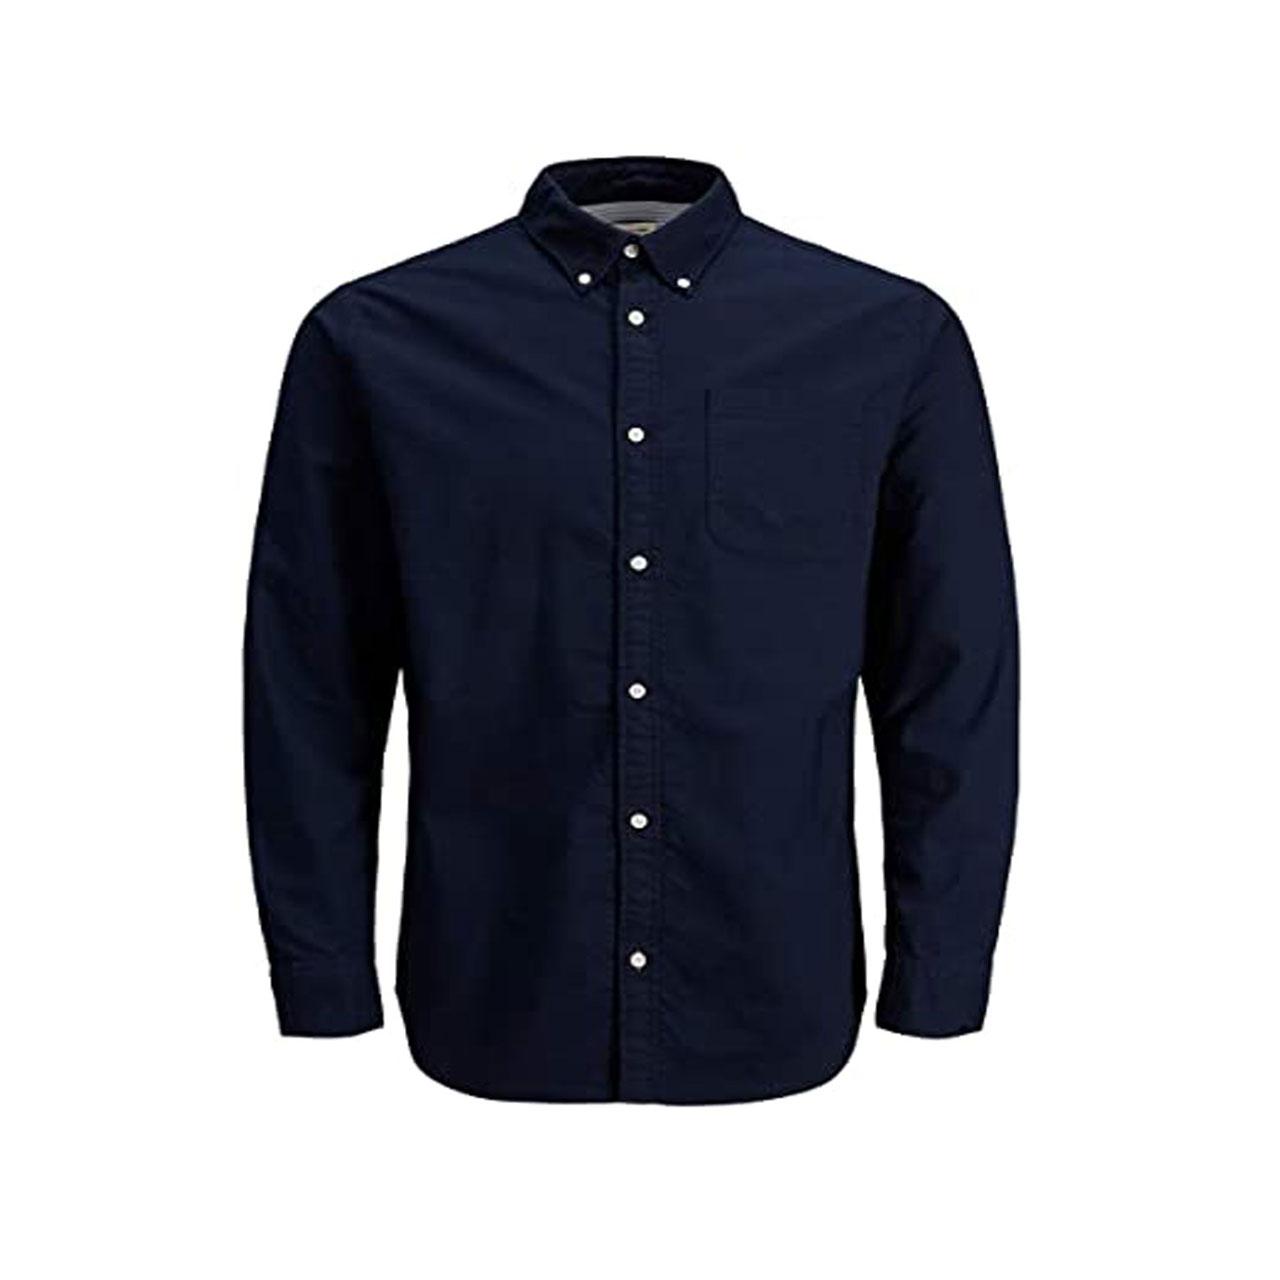 پیراهن آستین بلند مردانه جک اند جونز مدل f70026